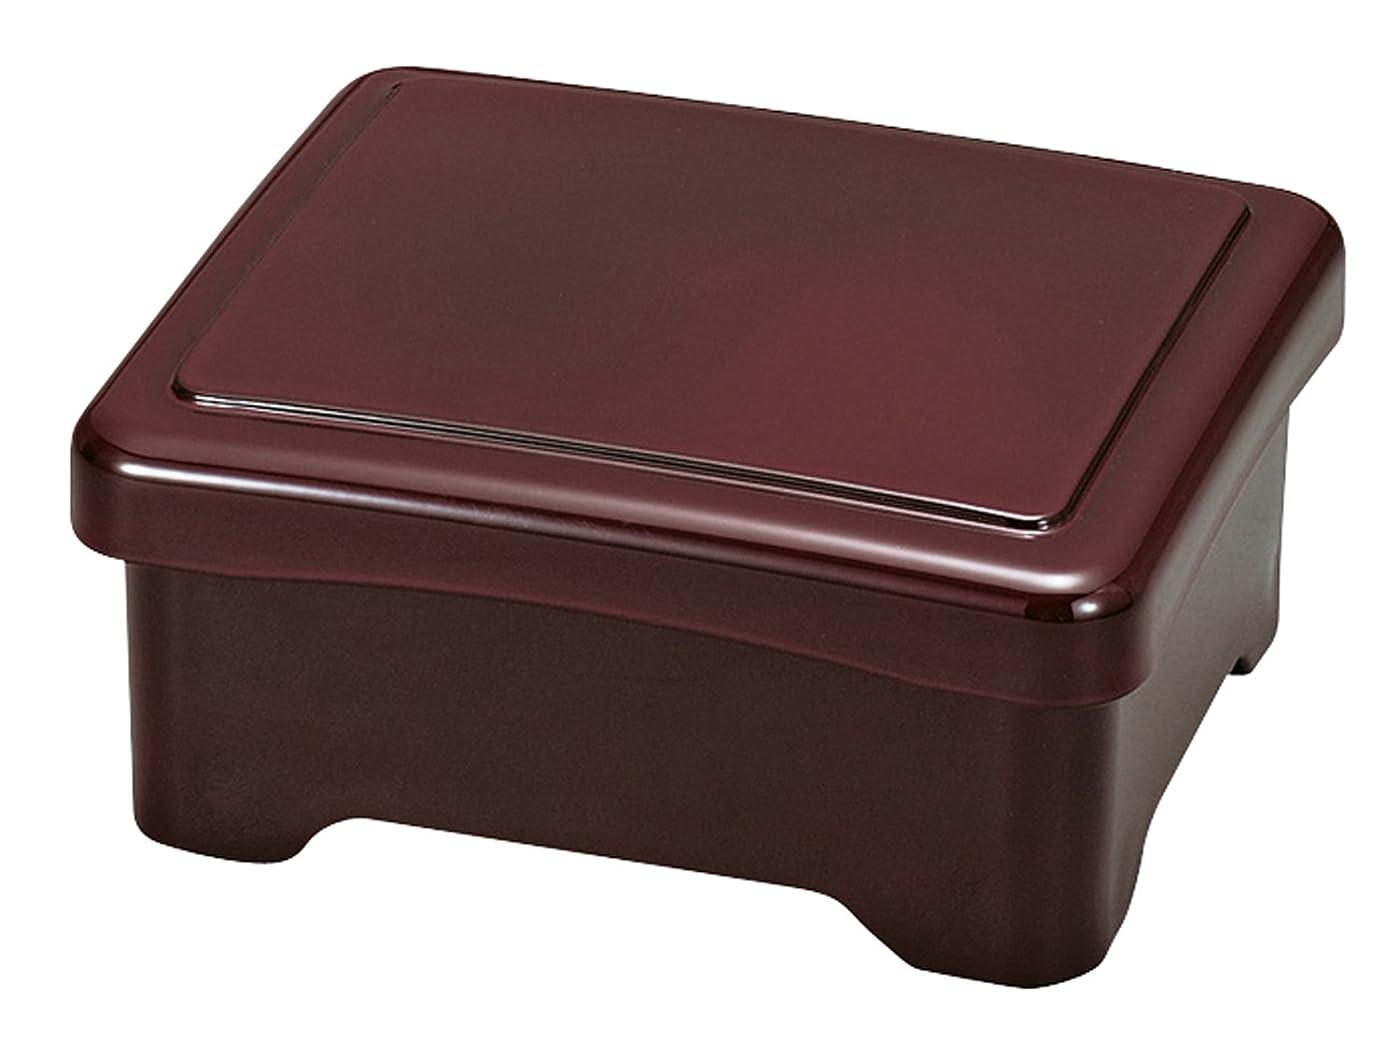 輝度メーター対角線山中塗 食洗機対応 うな重 角 家庭用食洗機対応 M14347-8